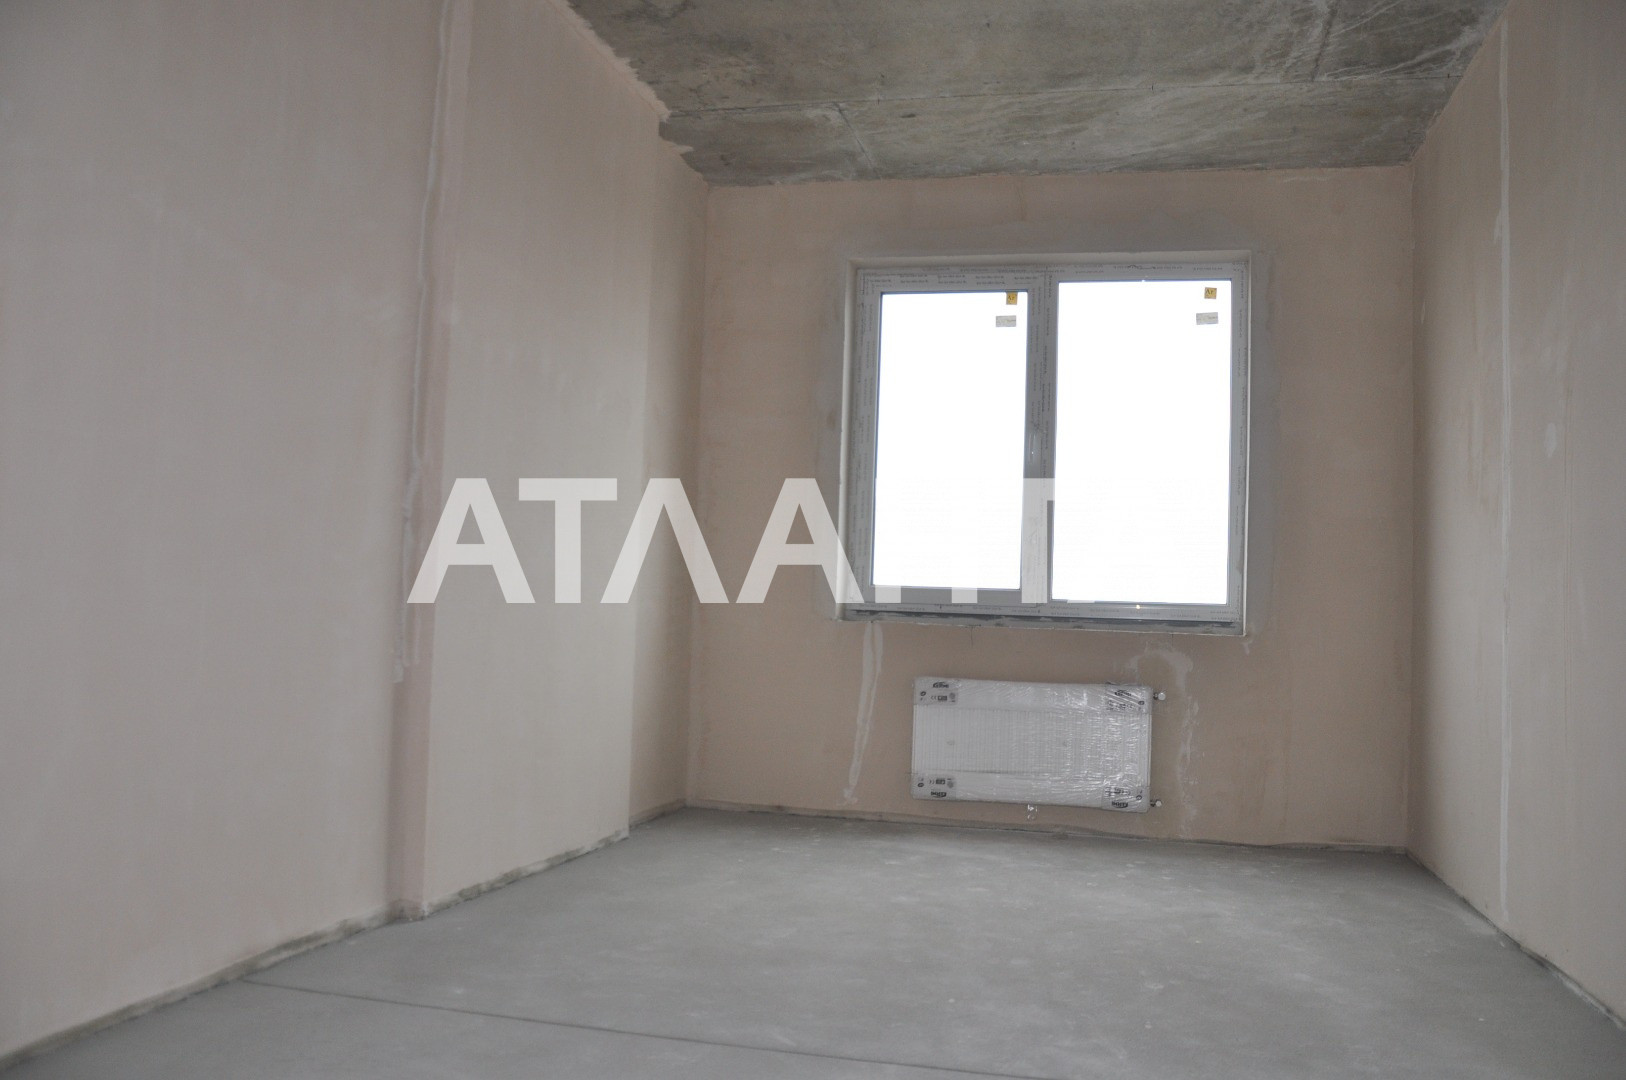 Продается 1-комнатная Квартира на ул. Фонтанская Дор. (Перекопской Дивизии) — 44 000 у.е. (фото №4)